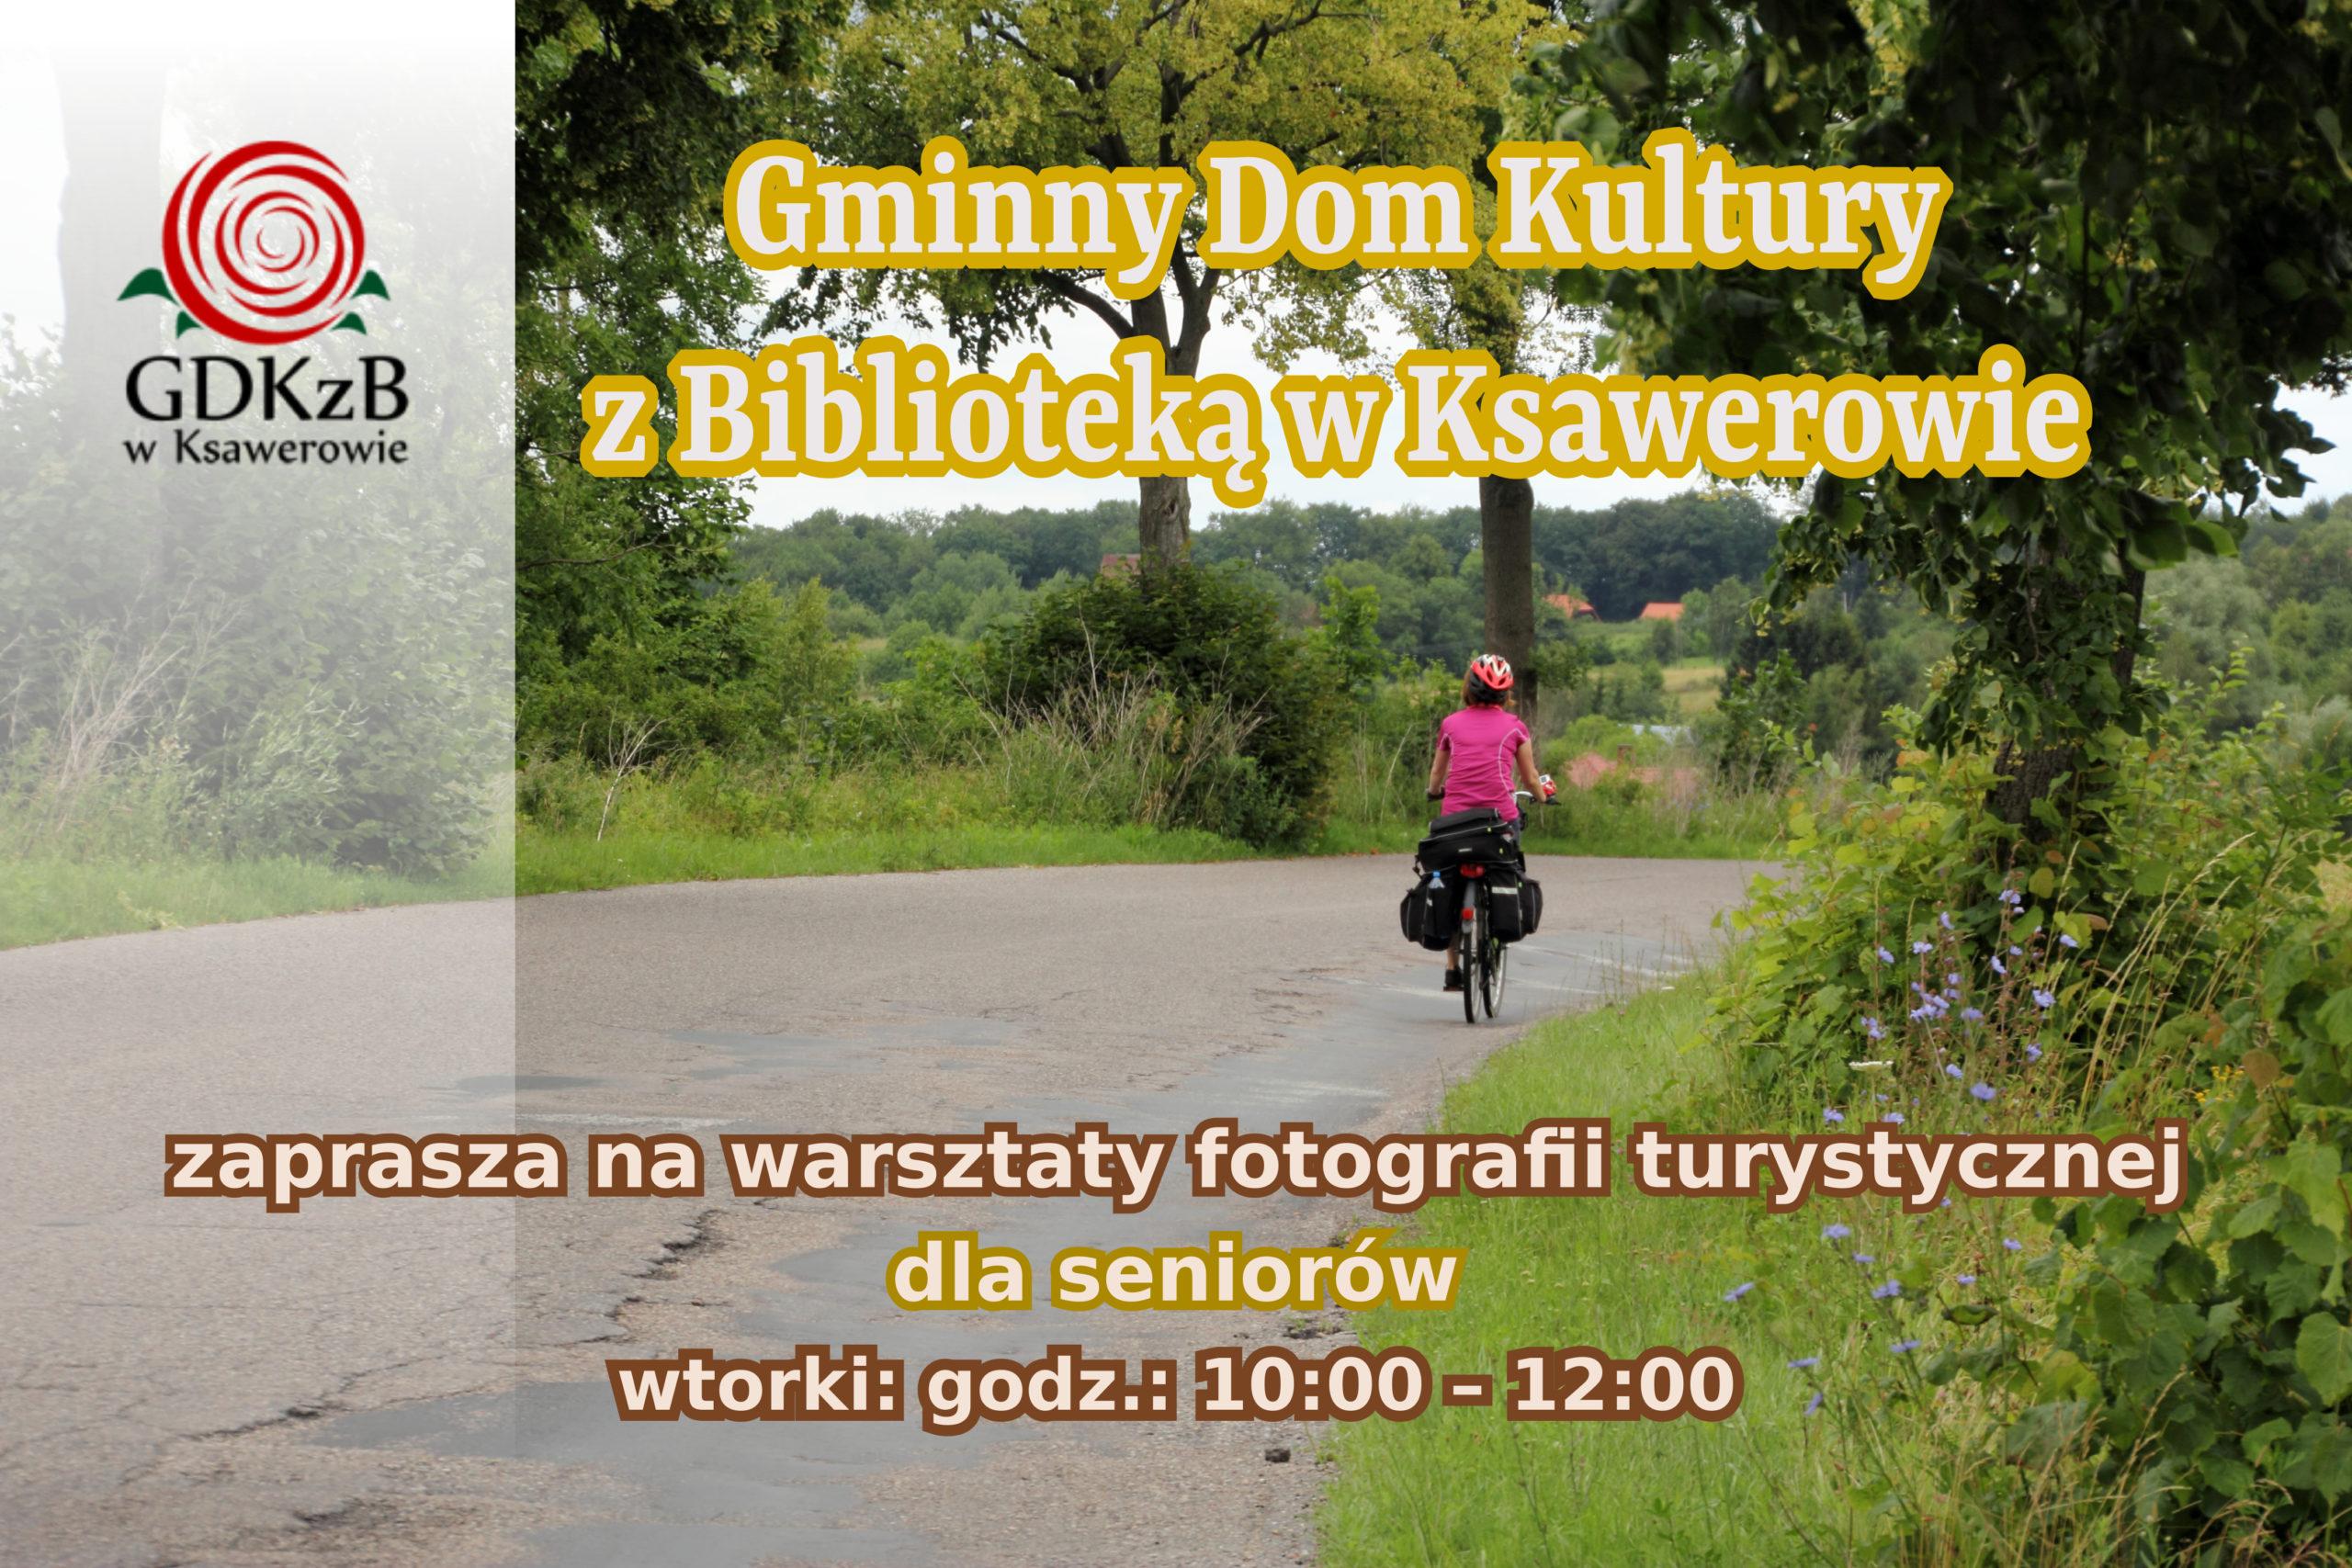 plakat informacyjny warsztaty fotografii w GDKzB w Ksawerowie